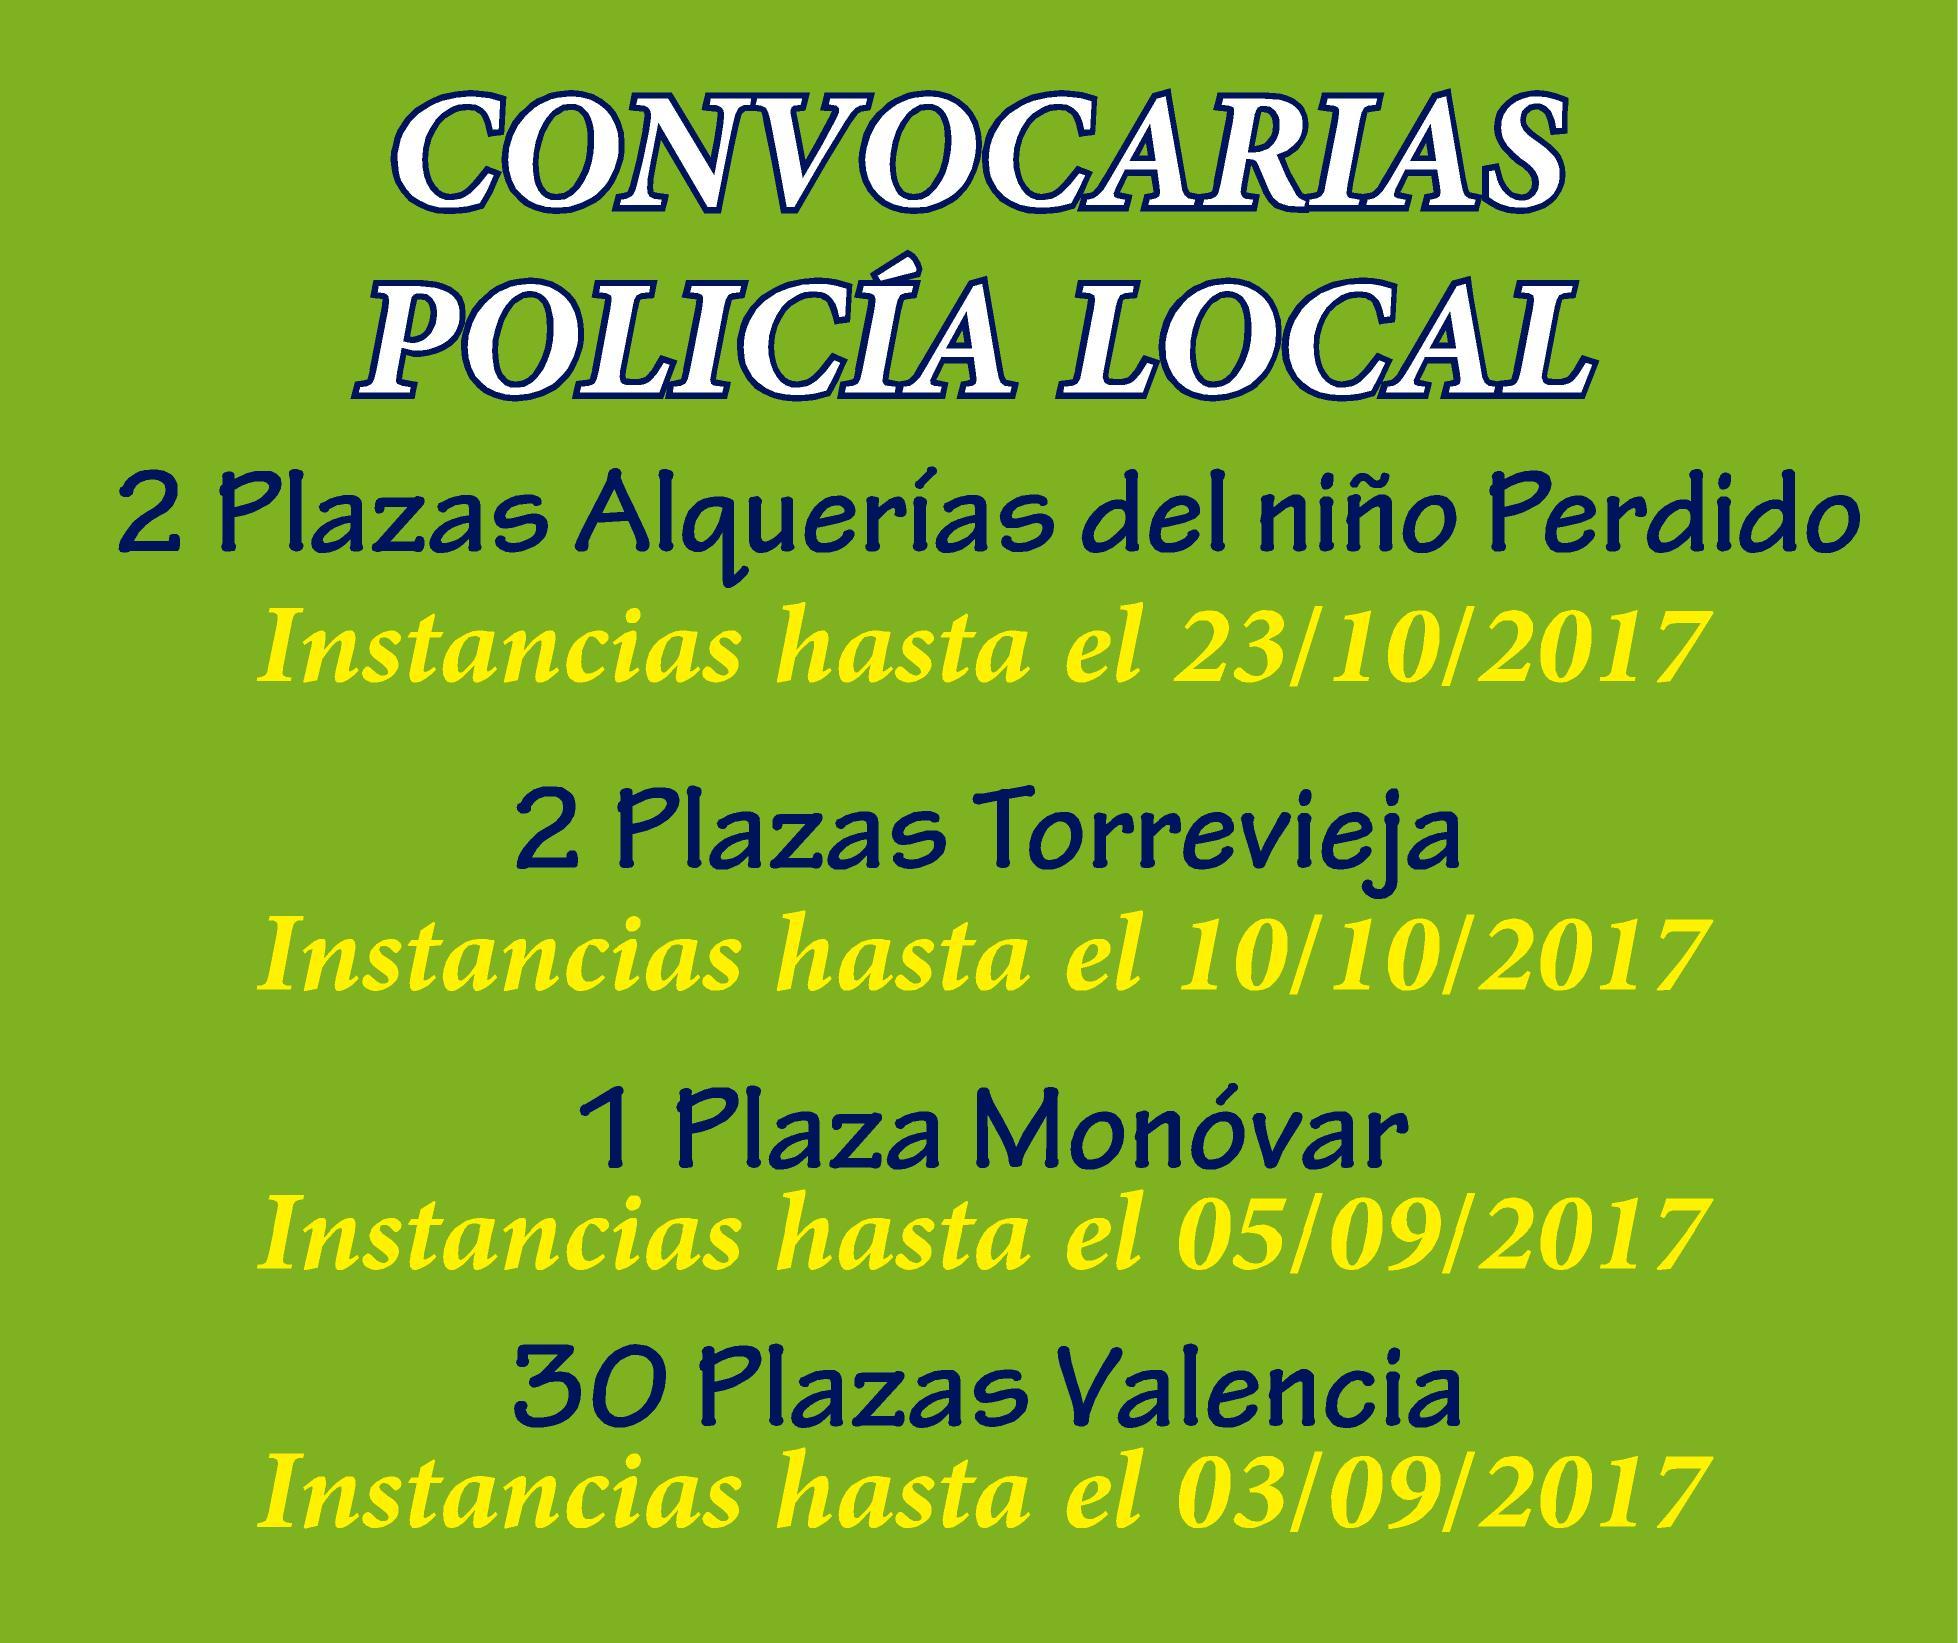 Convocatorias Policía Local Comunidad Valenciana